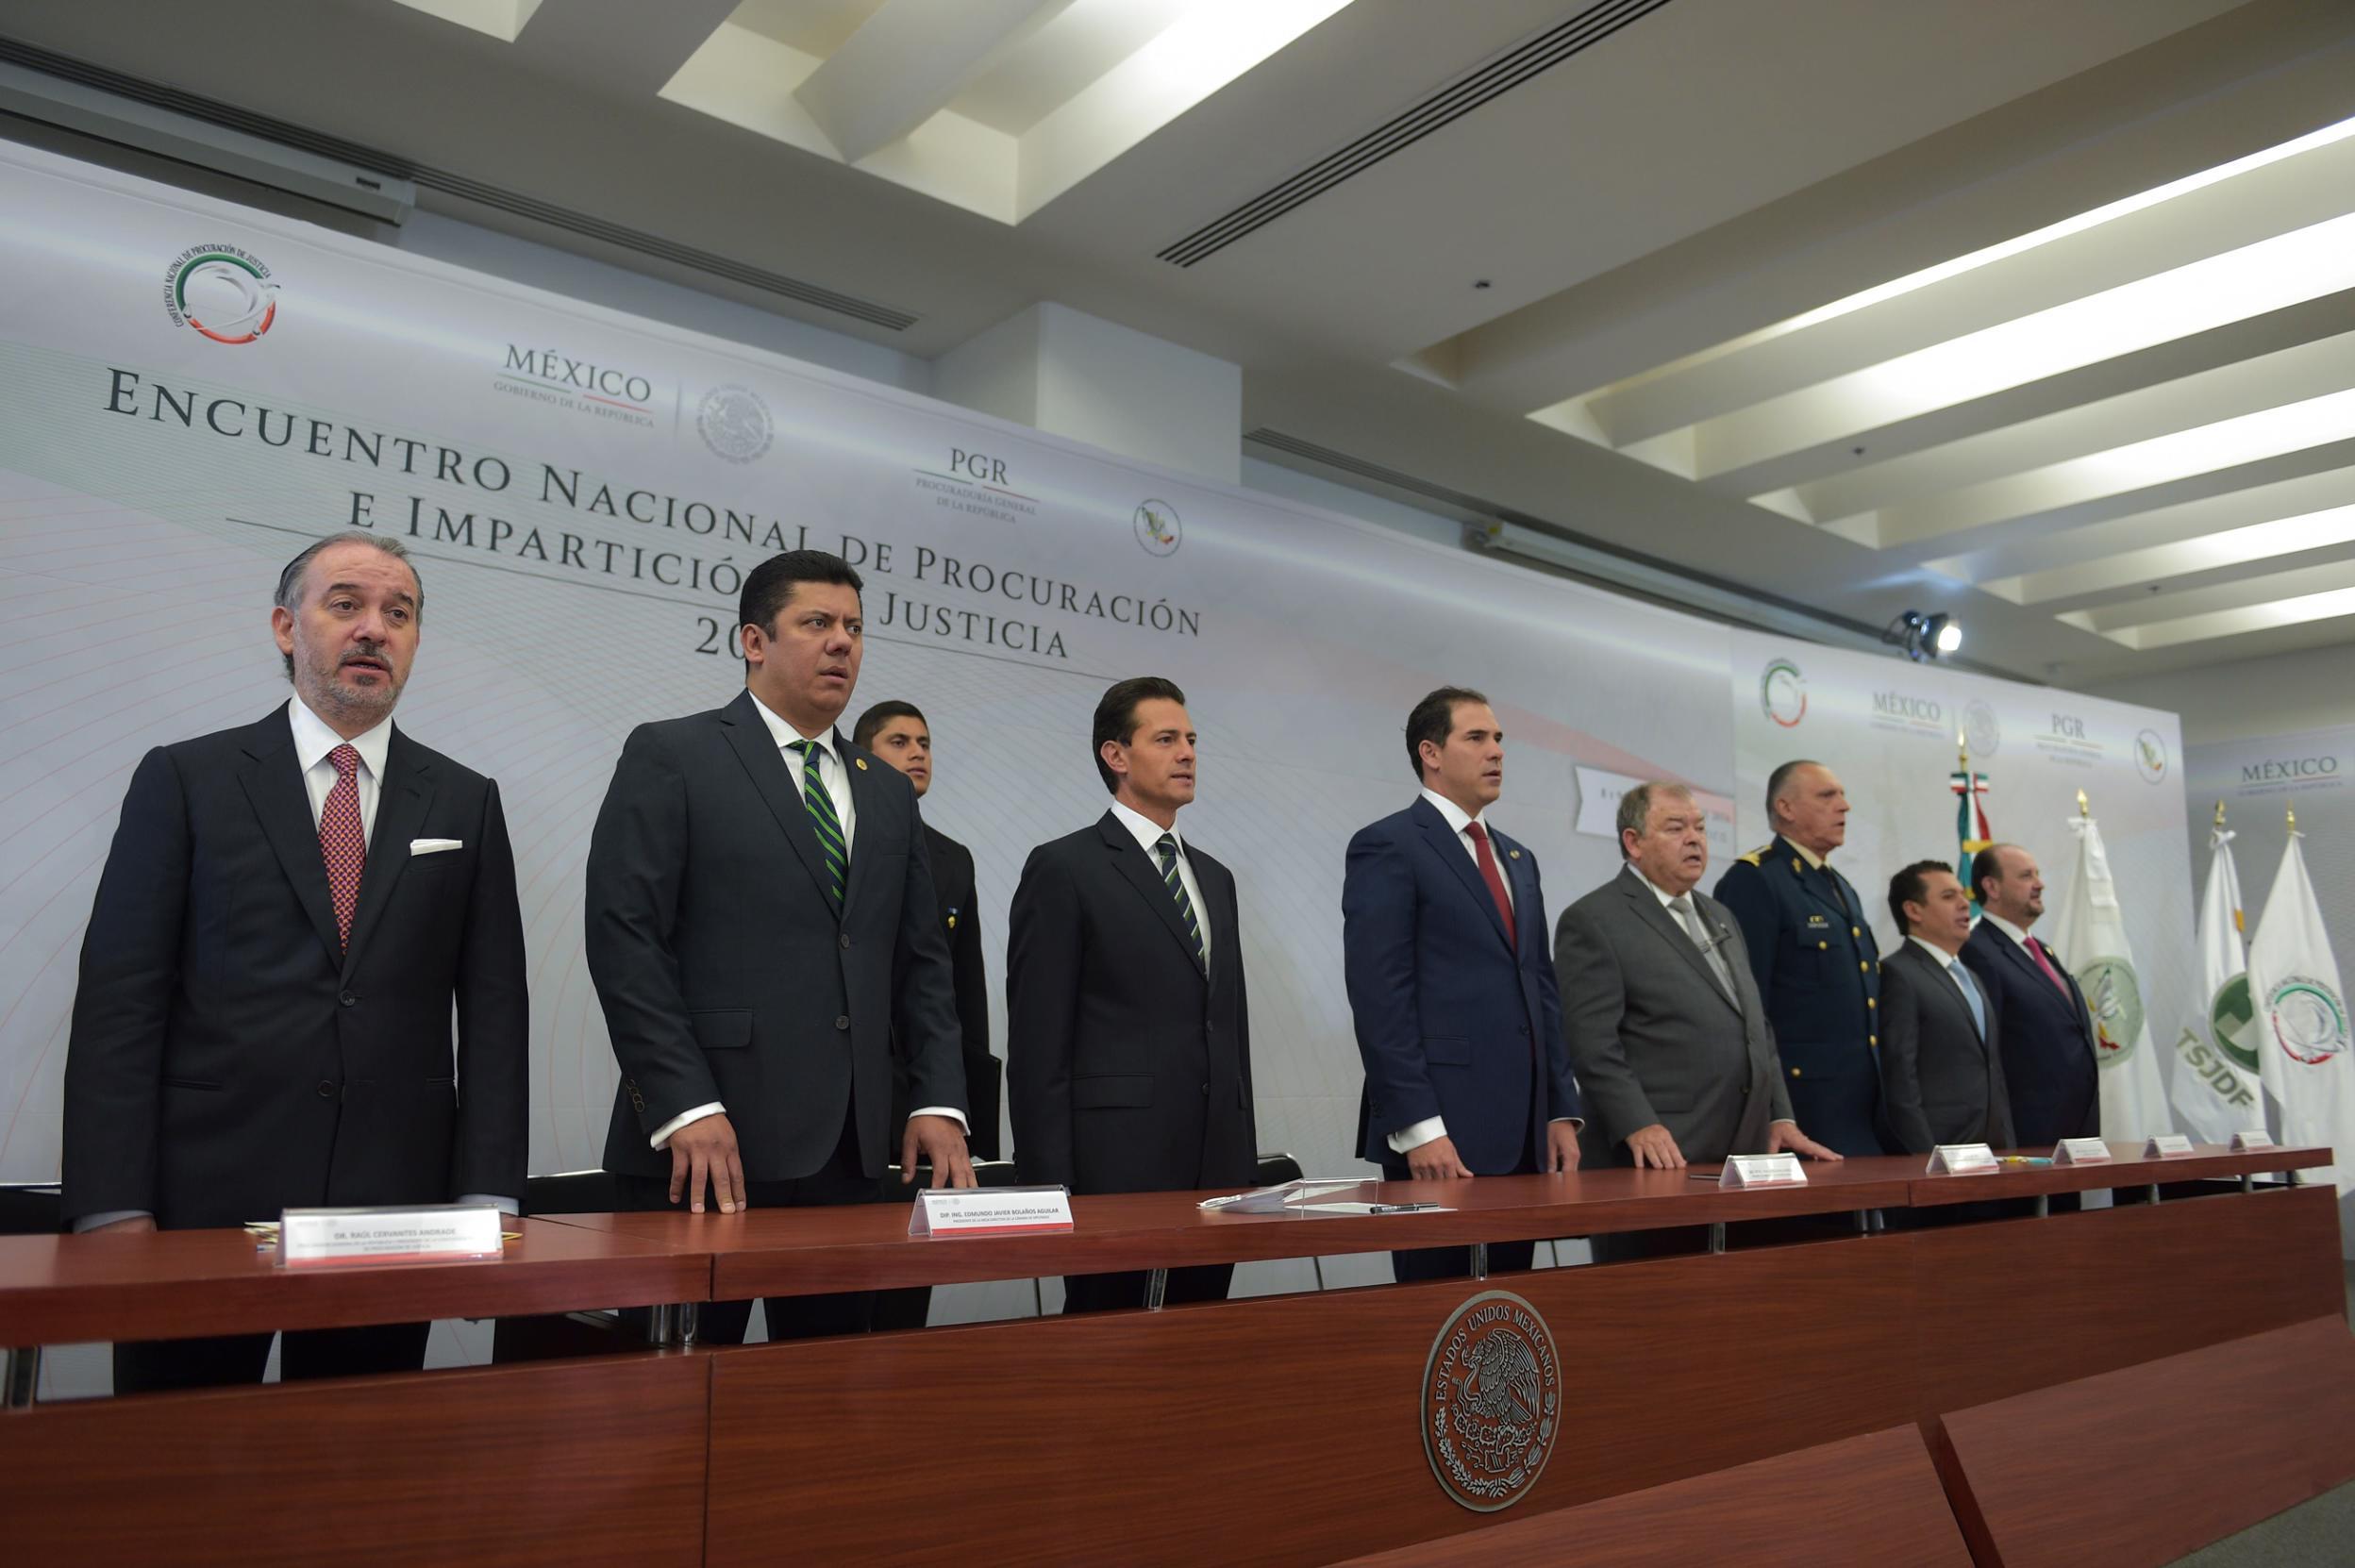 El Primer Mandatario clausuró el Encuentro Nacional de Procuración e Impartición de Justicia 2016.